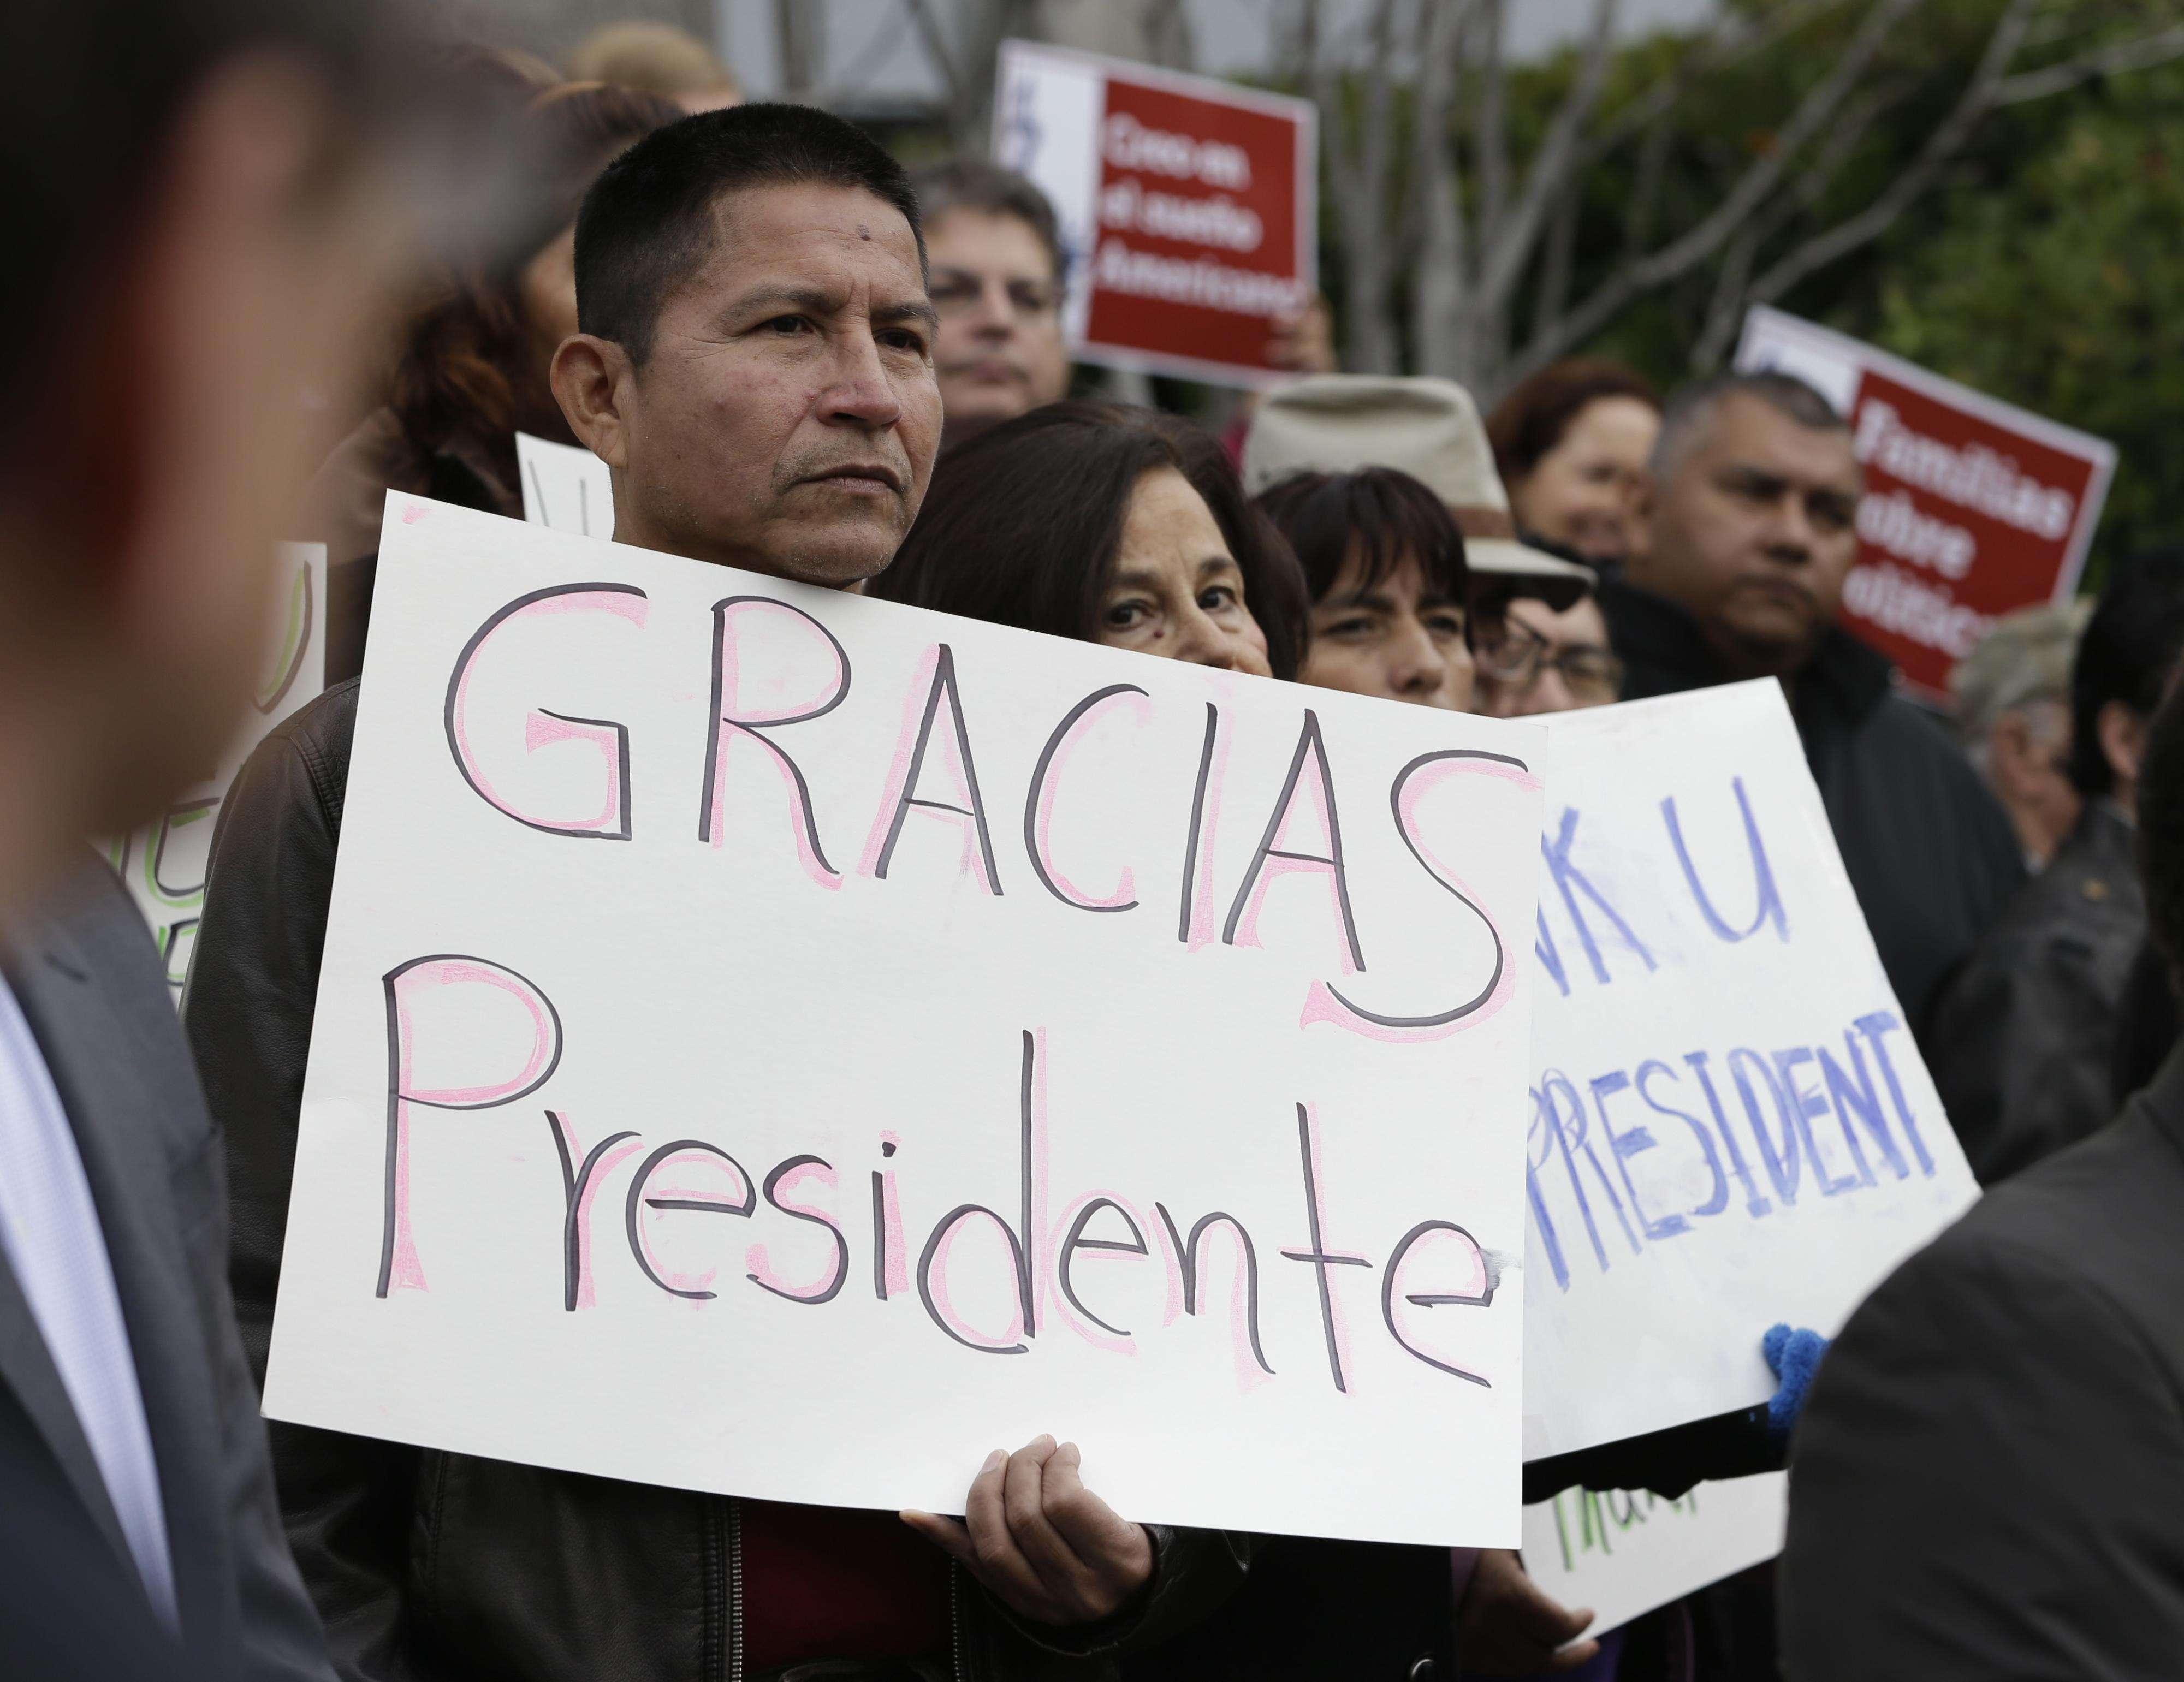 El inmigrante indocumentado Sebastian Montalvan celebra la acción ejecutiva del presidente Barack Obama sobre la inmigración ileagal, en Sacramento, California, el 21 de noviembre del 2014. Foto: AP en español